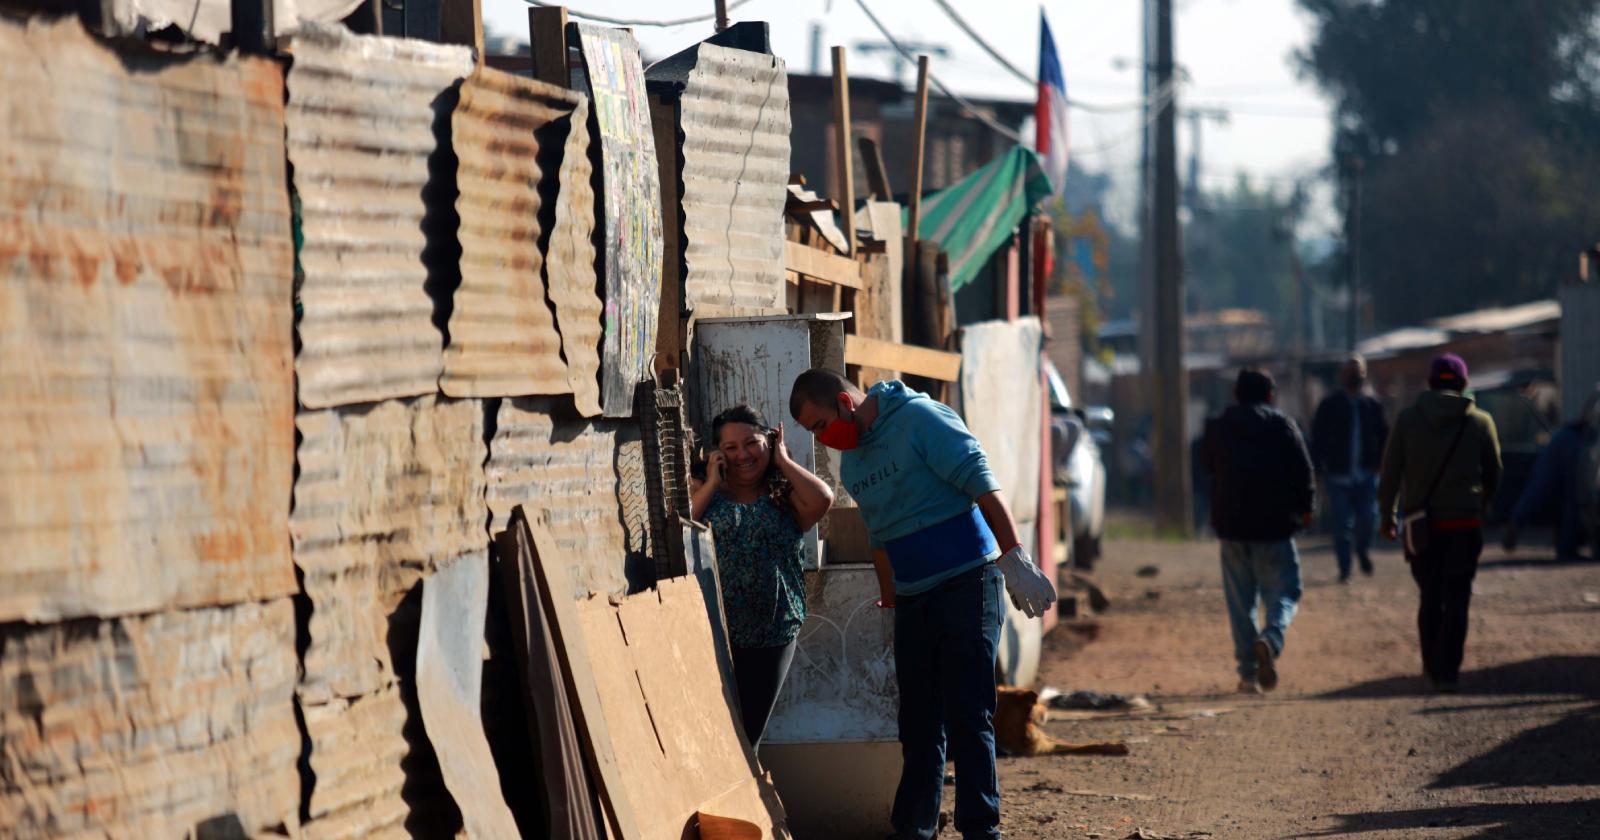 Efecto COVID-19: tomas y campamentos aumentan en la Región Metropolitana tras pandemia